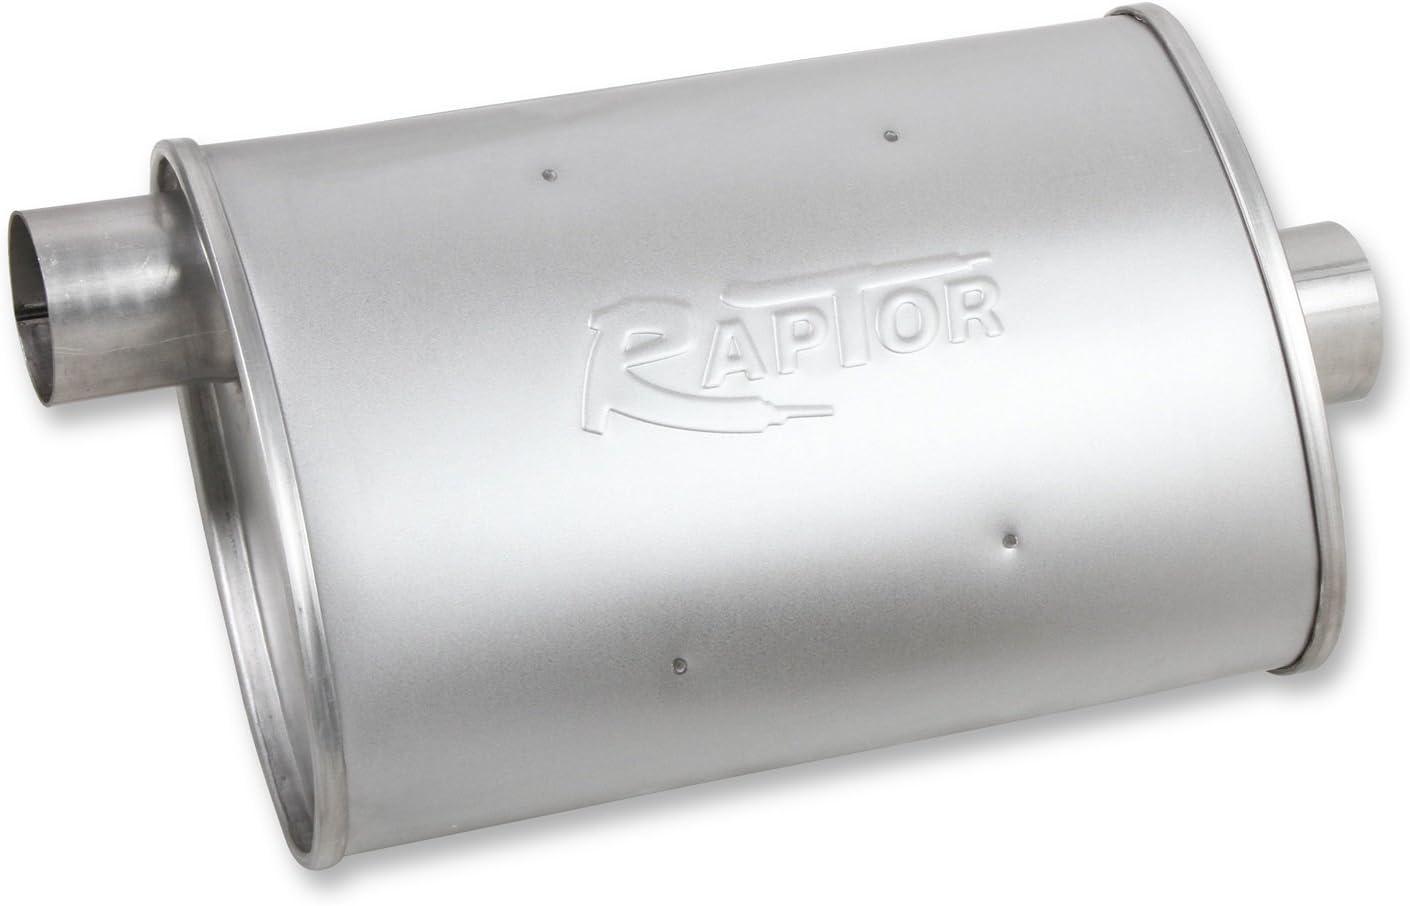 Flowtech 50050FLT Raptor Turbo Performance Muffler